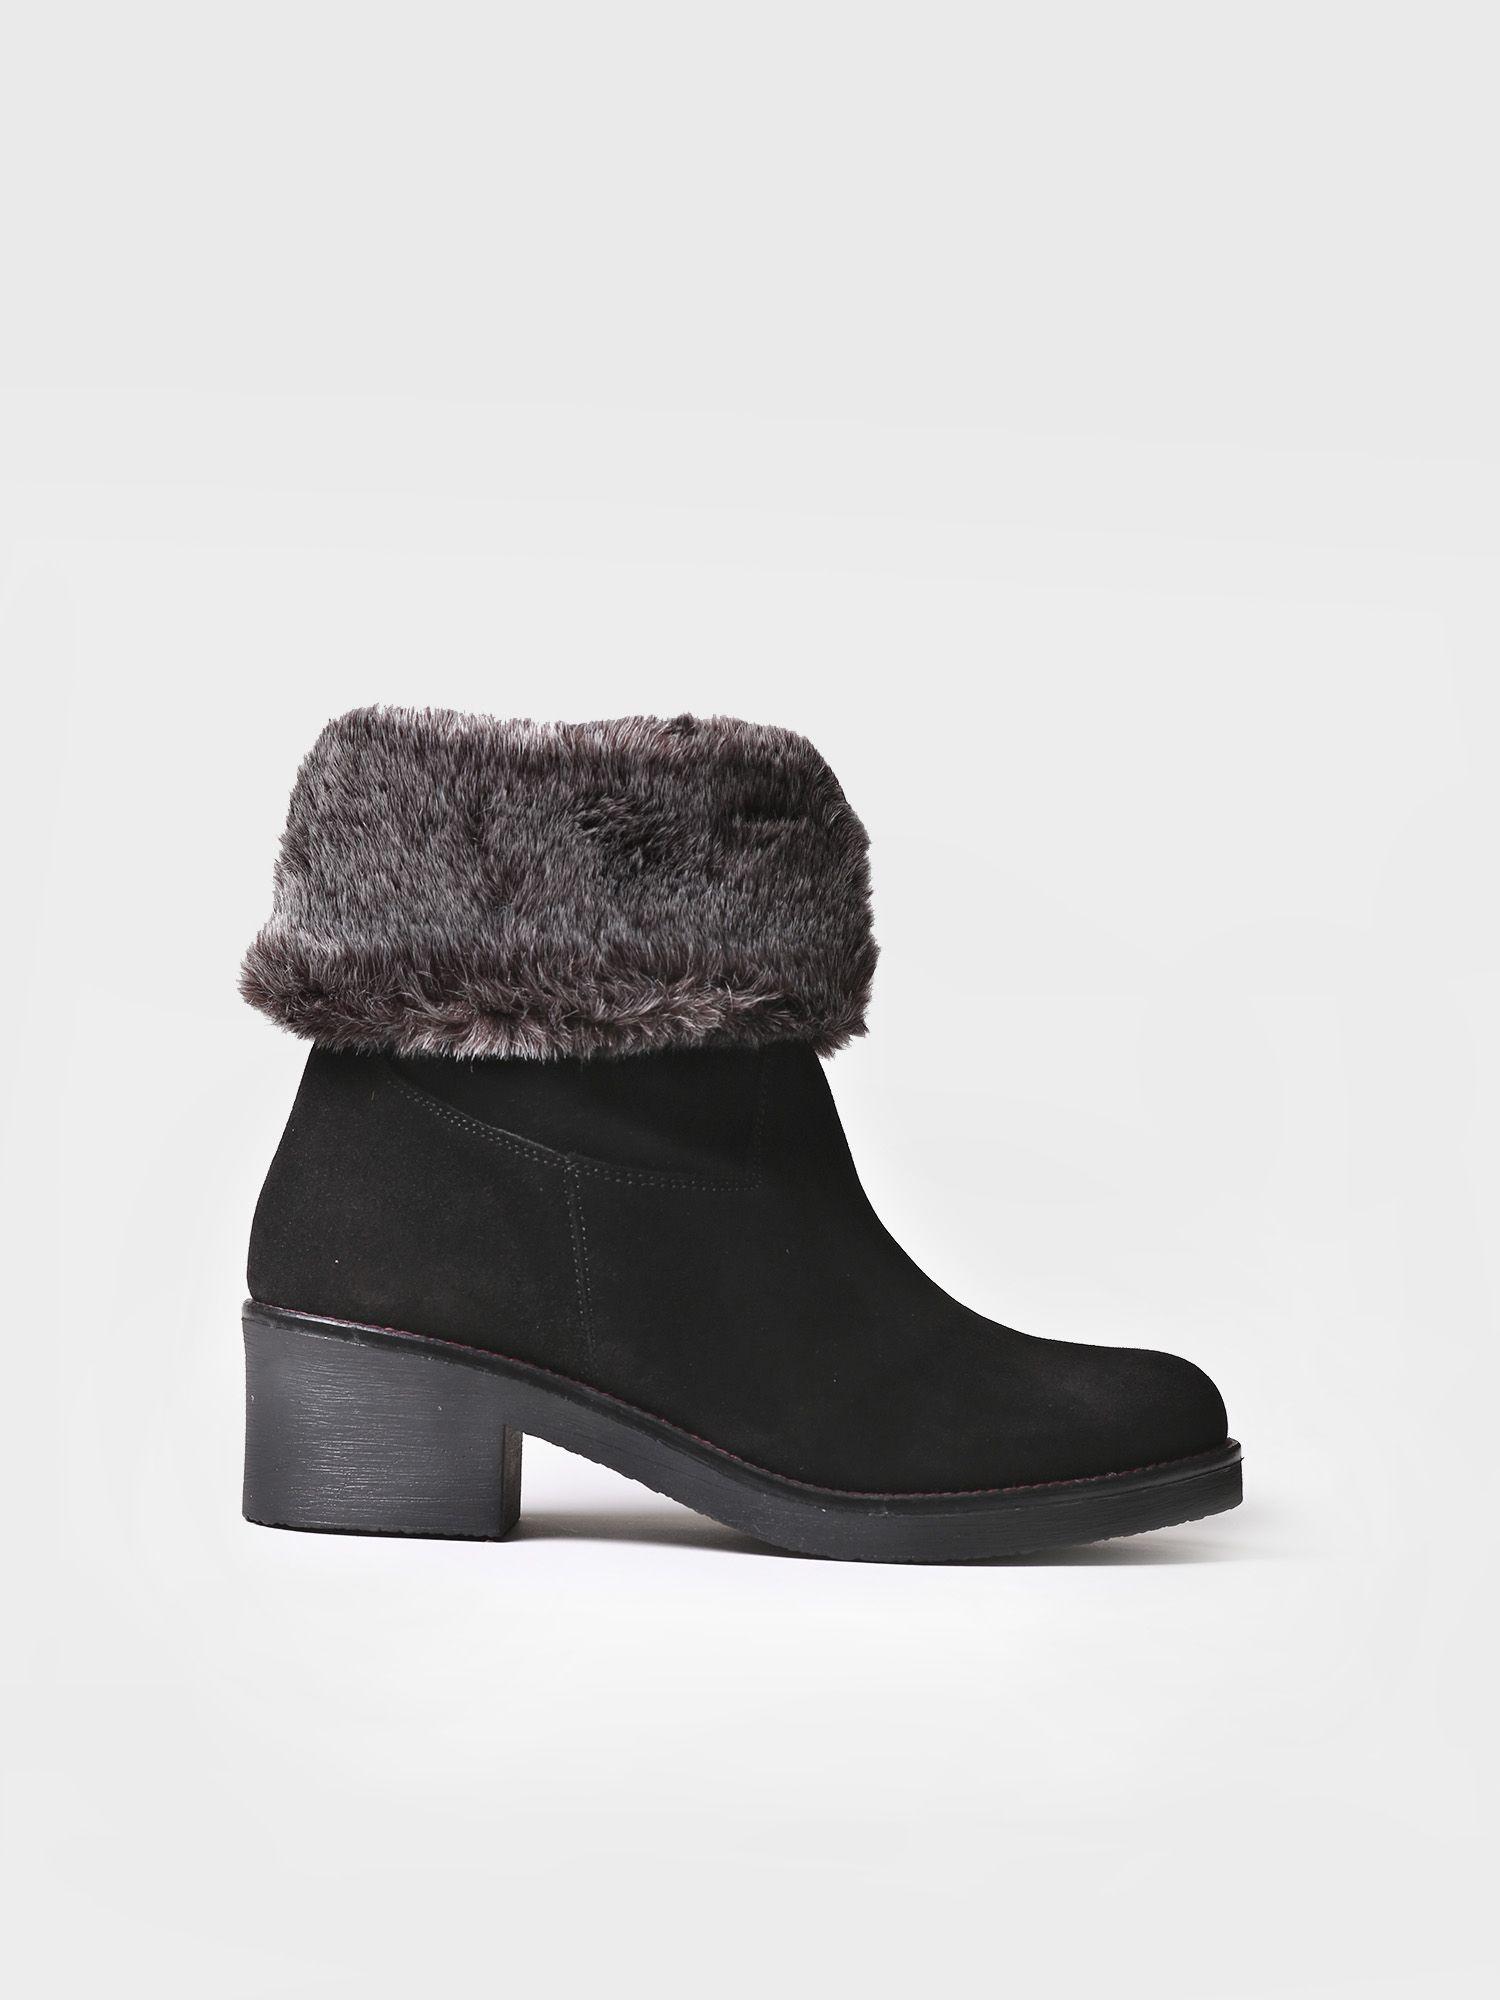 Mid heel bootie in black suede - PECOS-SYF